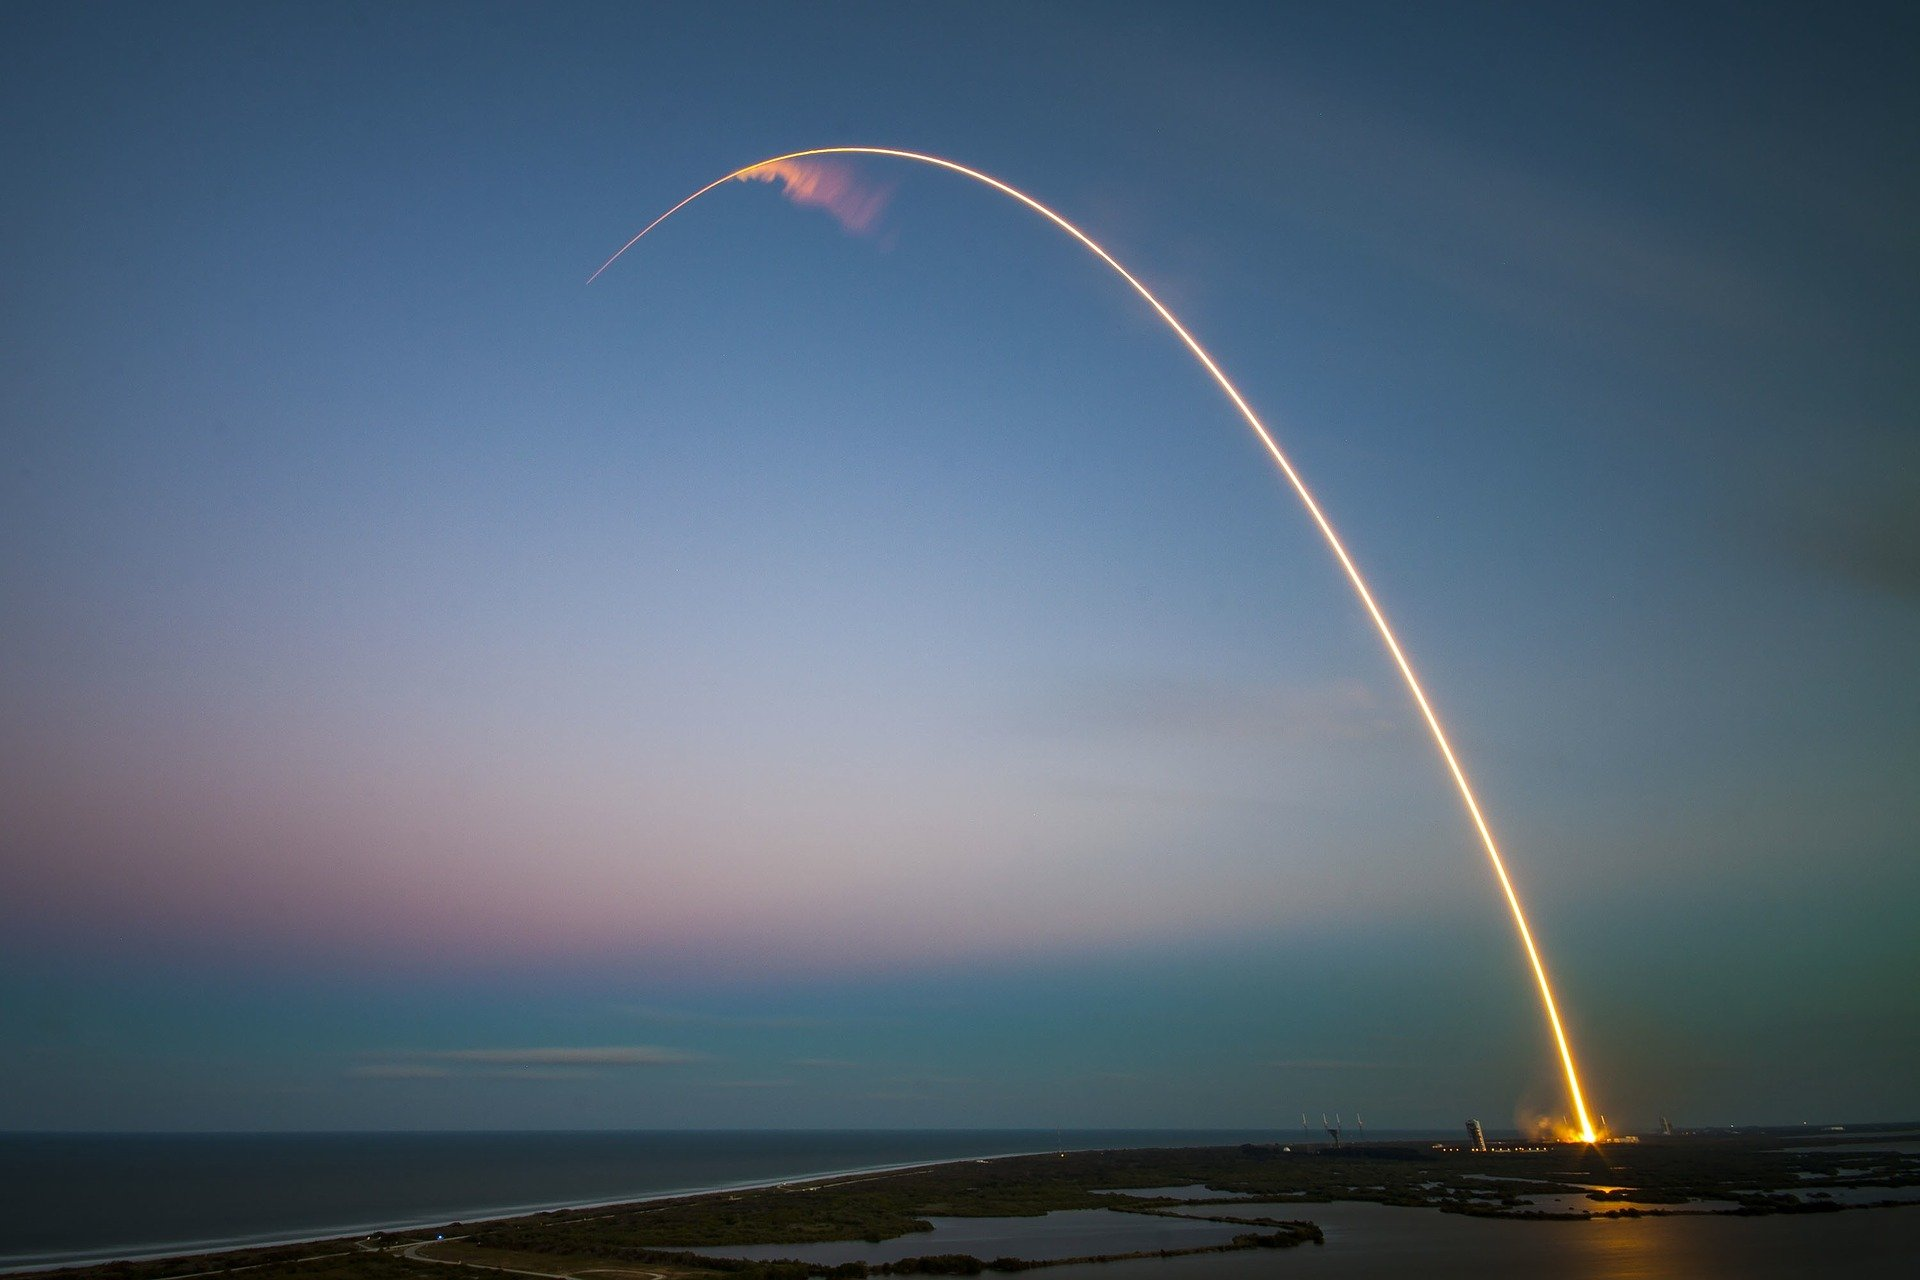 США провели испытания второй ступени двигателя гиперзвуковой ракеты